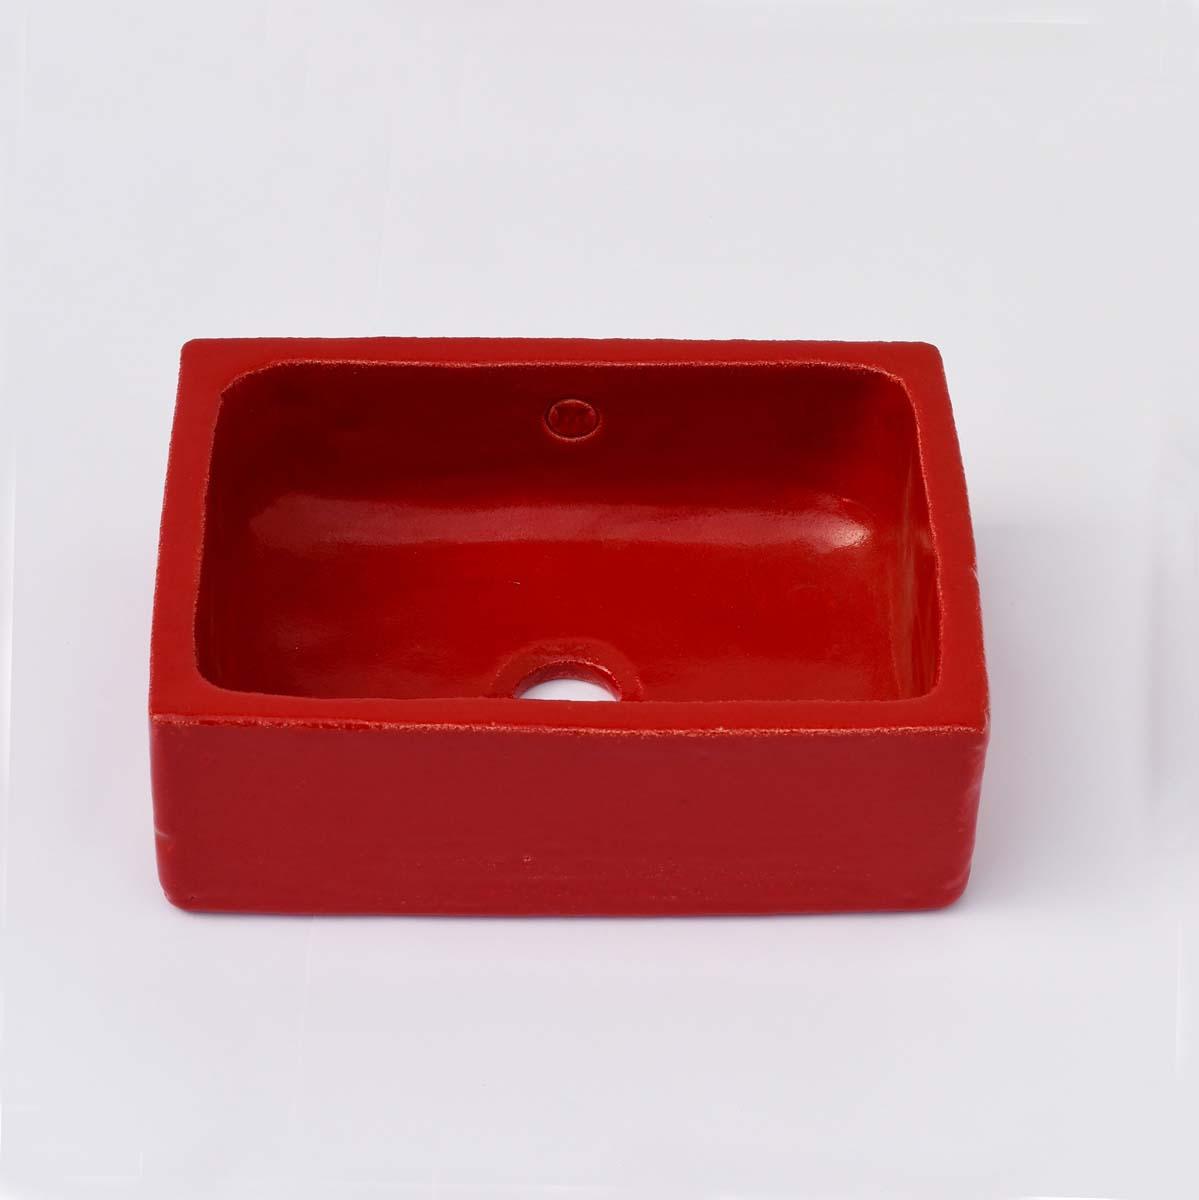 כיור אמבטיה קטן בצבע אדום